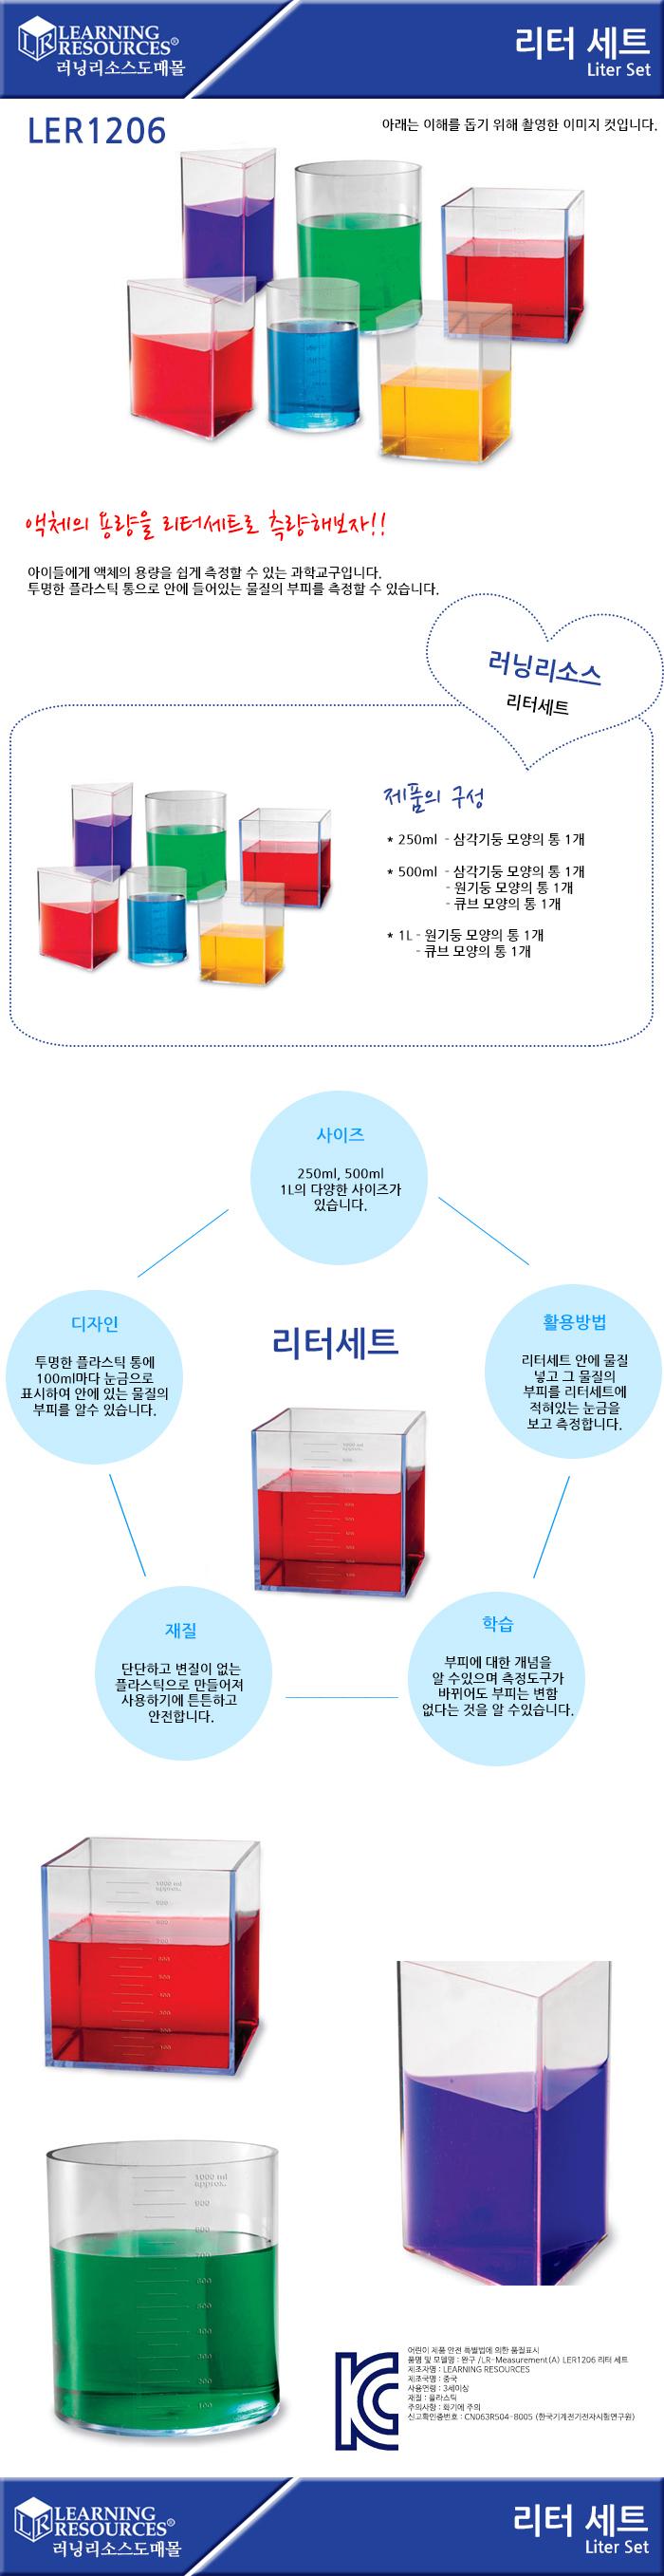 리터 세트/러닝리소스/과학교구/LER1206 - 주식회사 가베, 48,000원, 교육완구, 교육완구